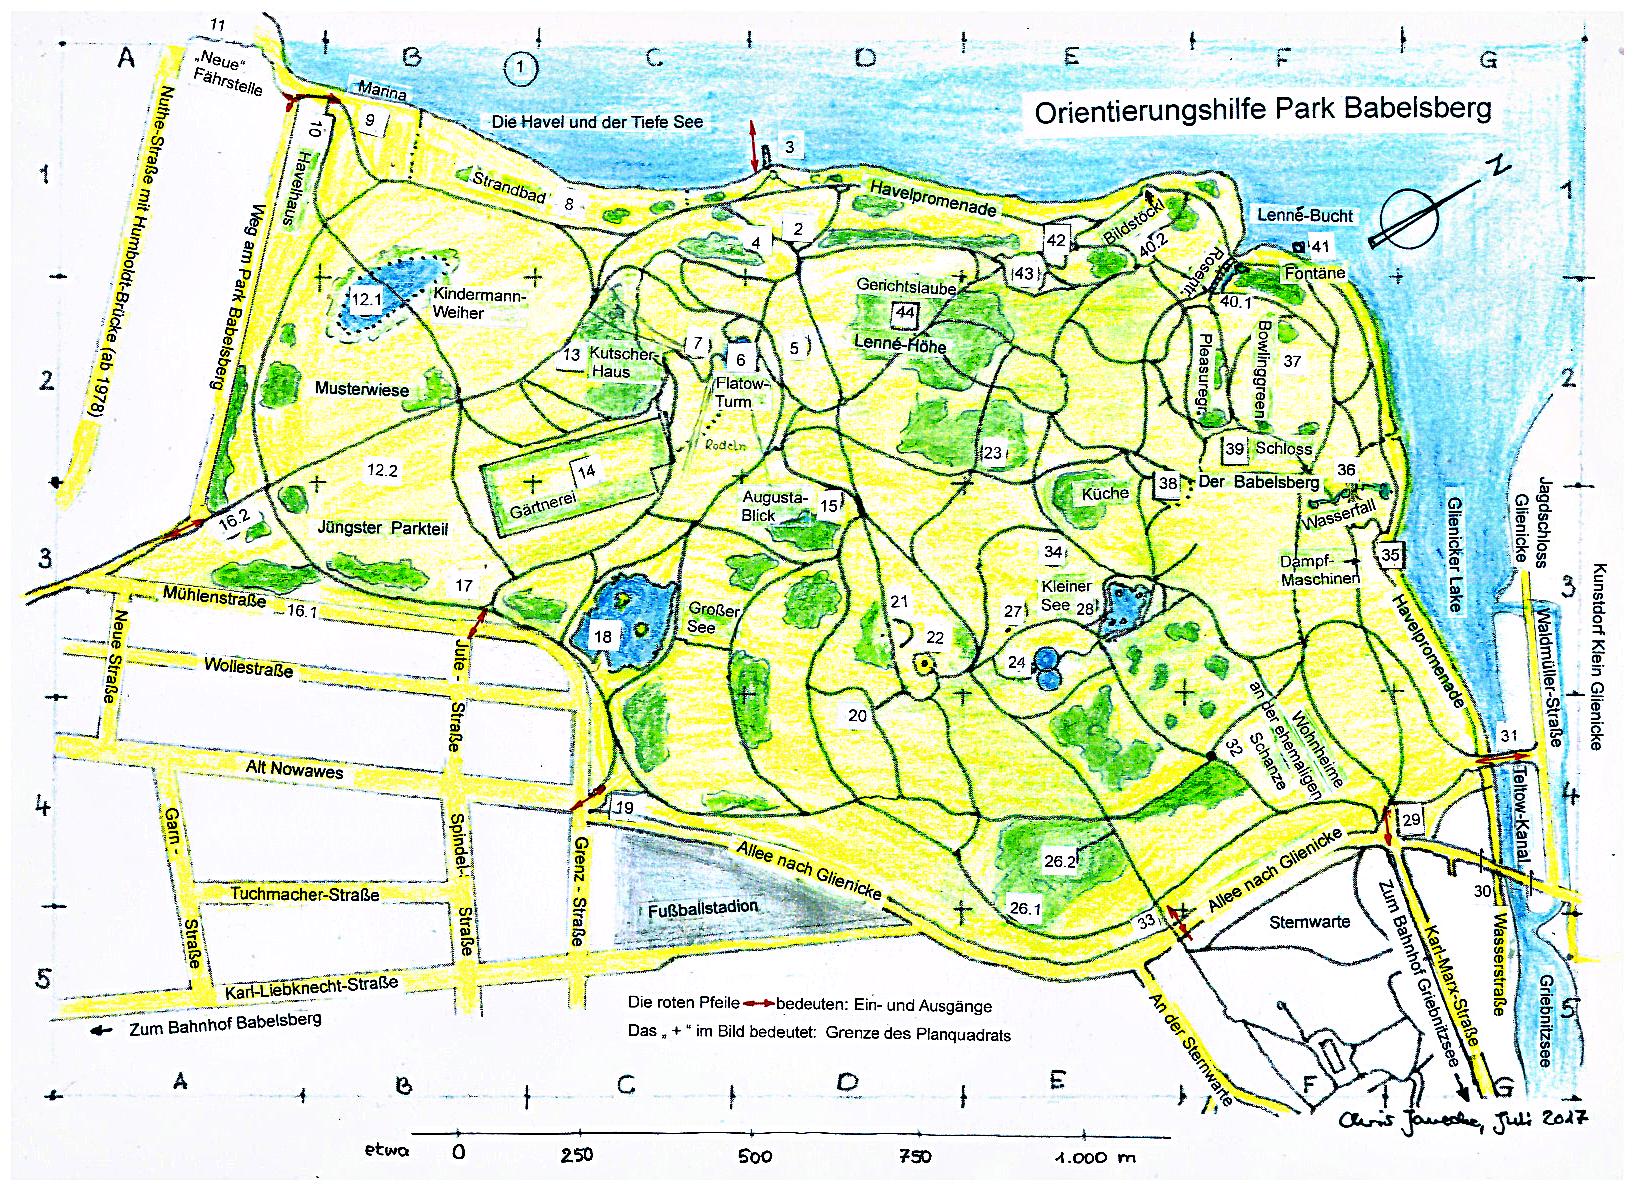 Historische Karte Potsdam.Der Park Babelsberg Bei Potsdam Ein Park Auf Dem Wege Ein